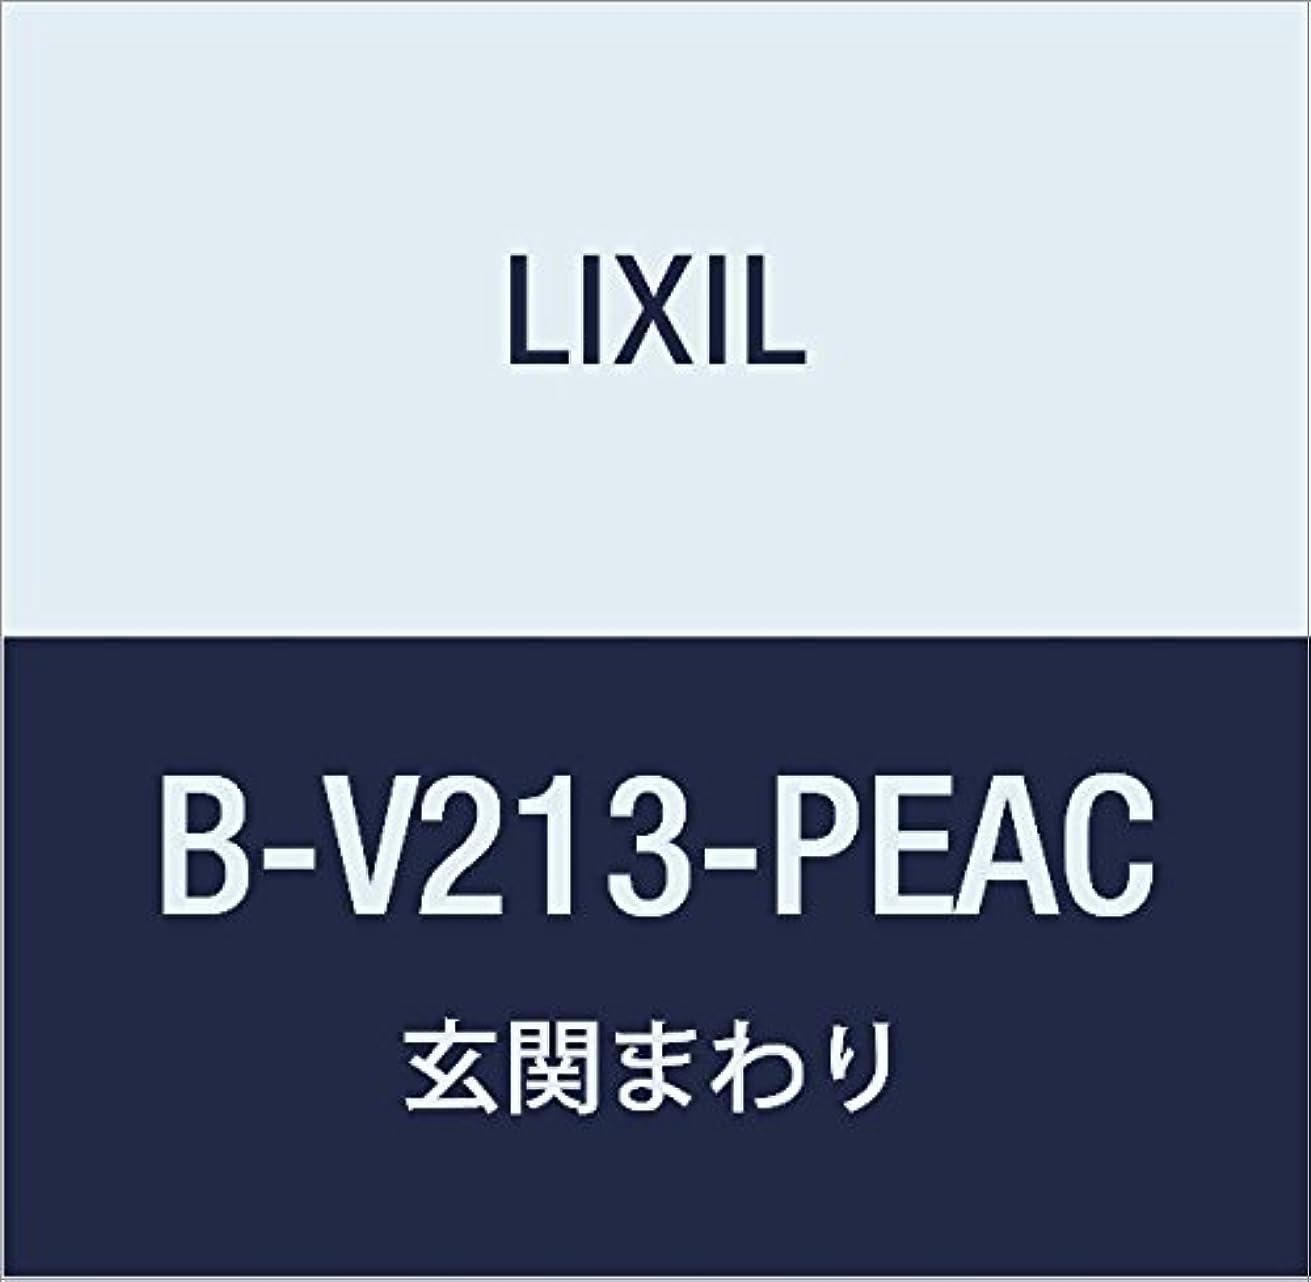 野望食べる使い込むLIXIL(リクシル) TOEX TGB片引戸障子太框バー加工無内観右MH20W18 B-V213-PEAC